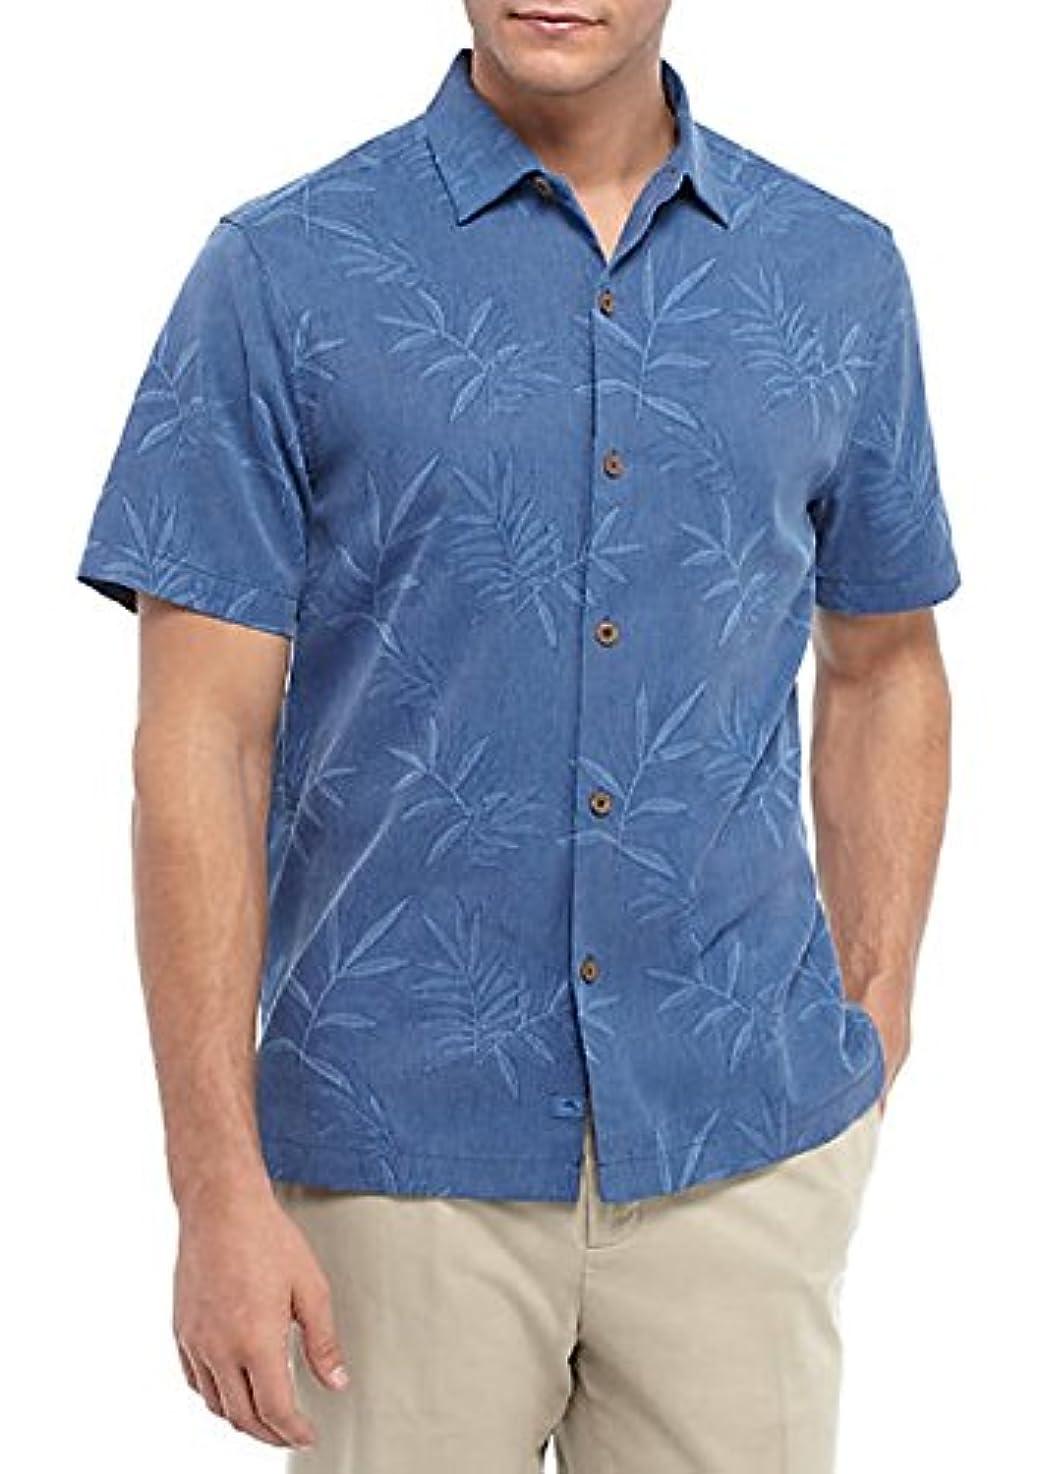 聖書うれしい外出Tommy Bahama HOME メンズ US サイズ: X-Large カラー: ブルー